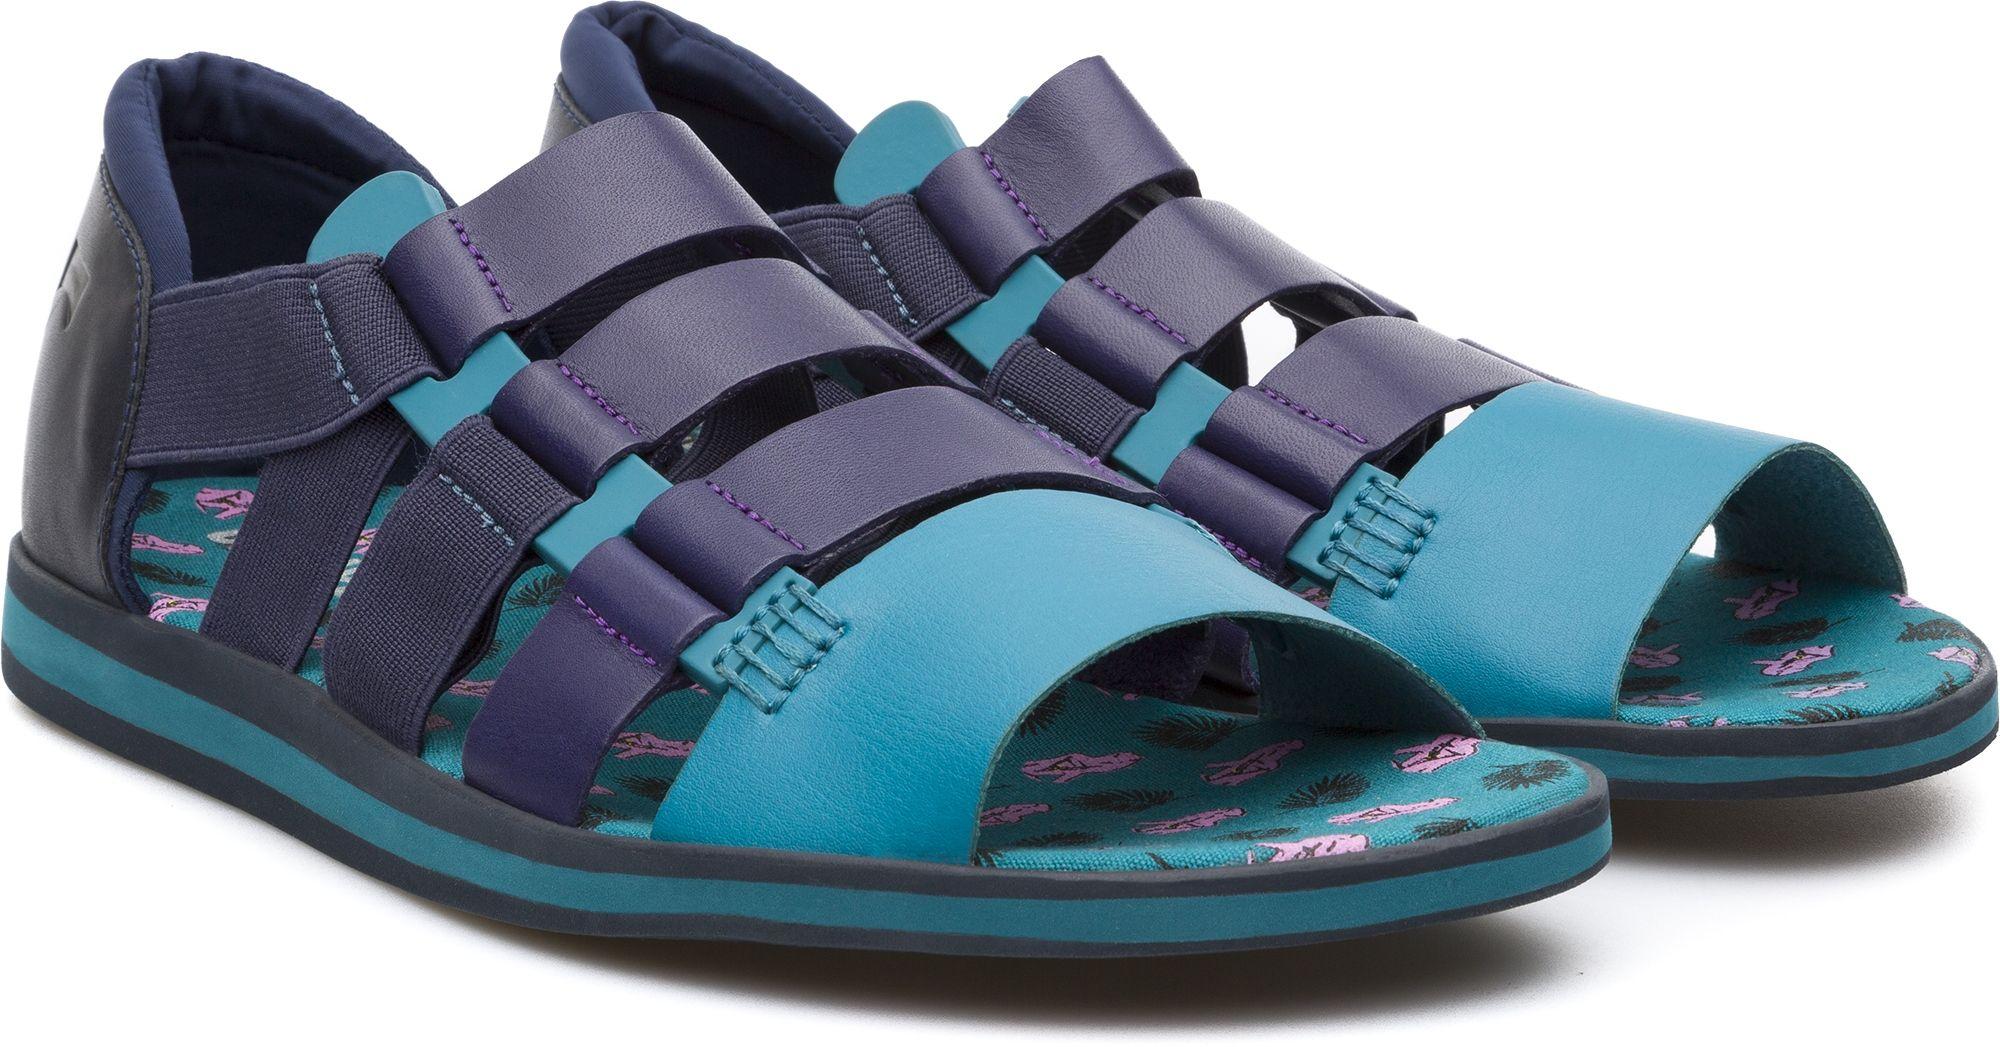 2019 High Camper SPRAY Azul Zapatos Sandalias Hombre